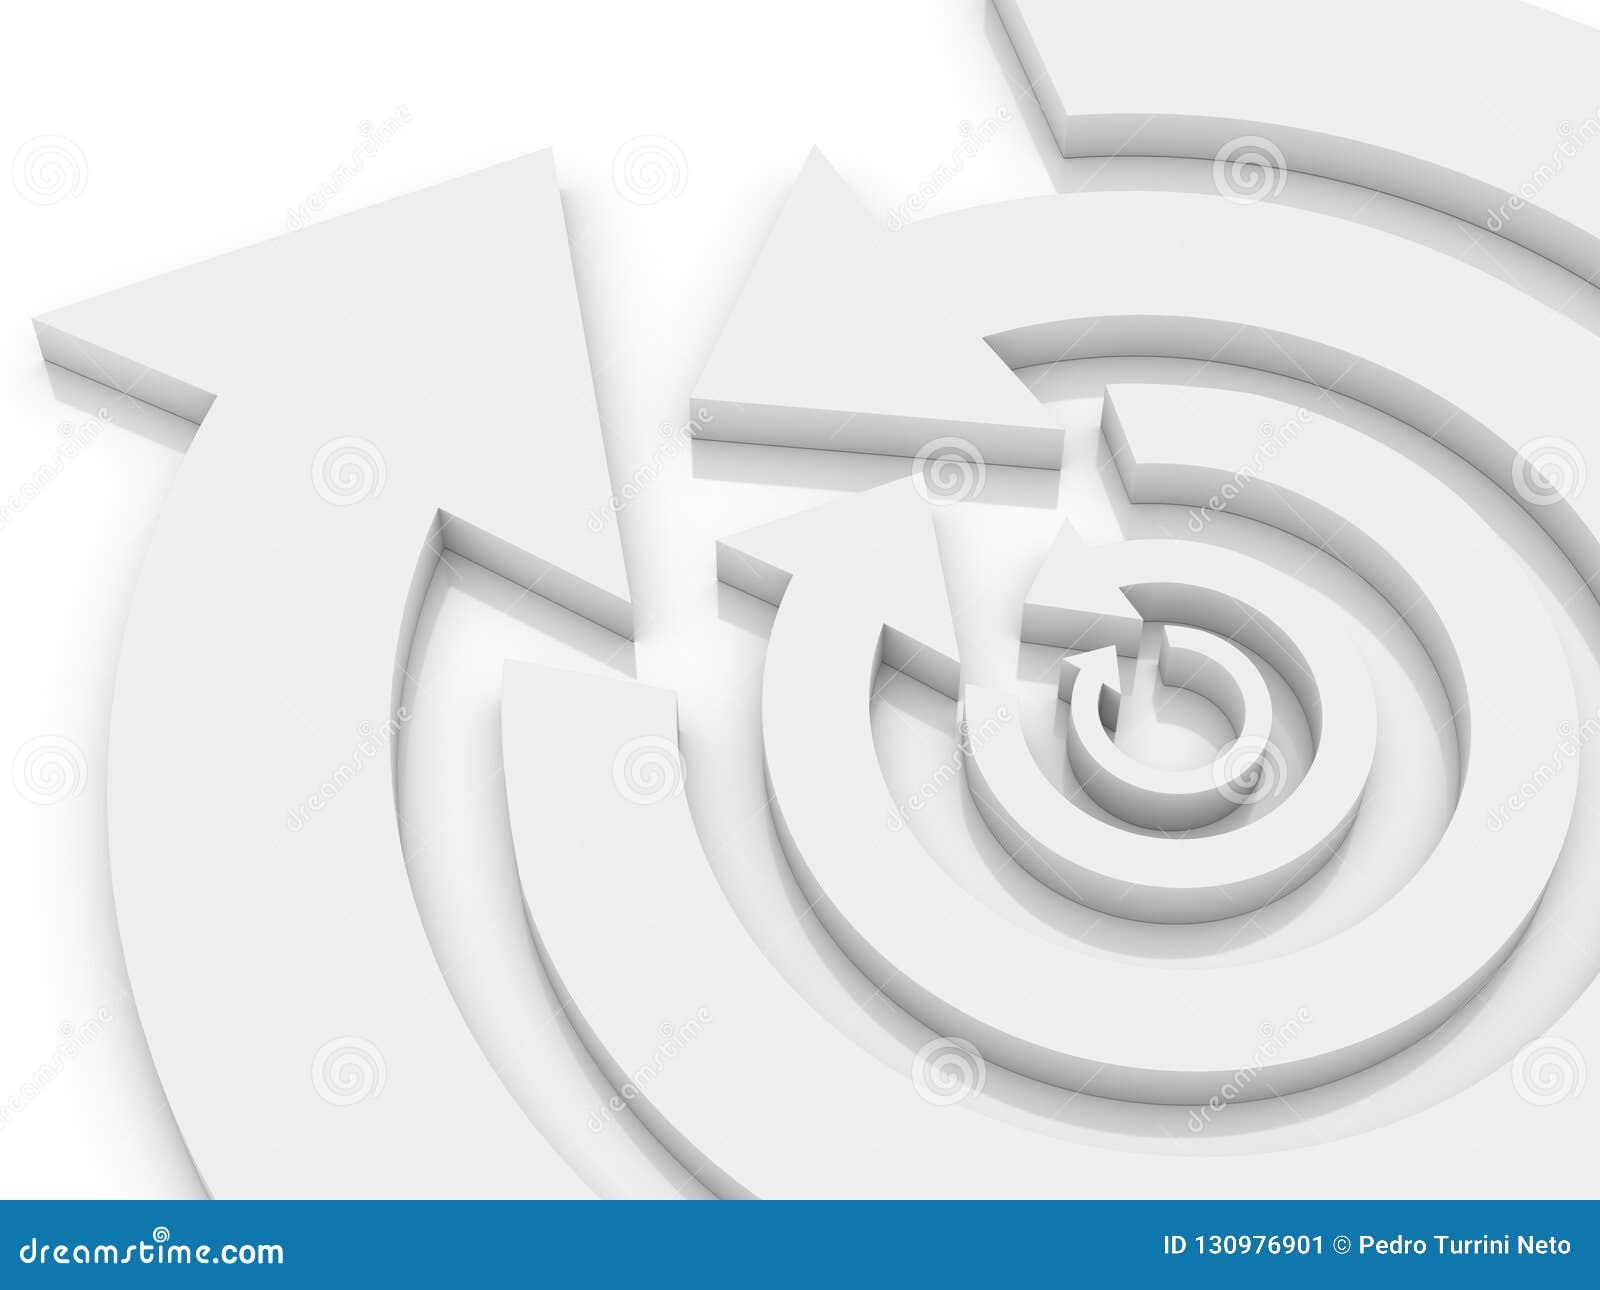 Koncentryczne kółkowe strzały białe w opposite kierunków na przemian 3D ilustracji